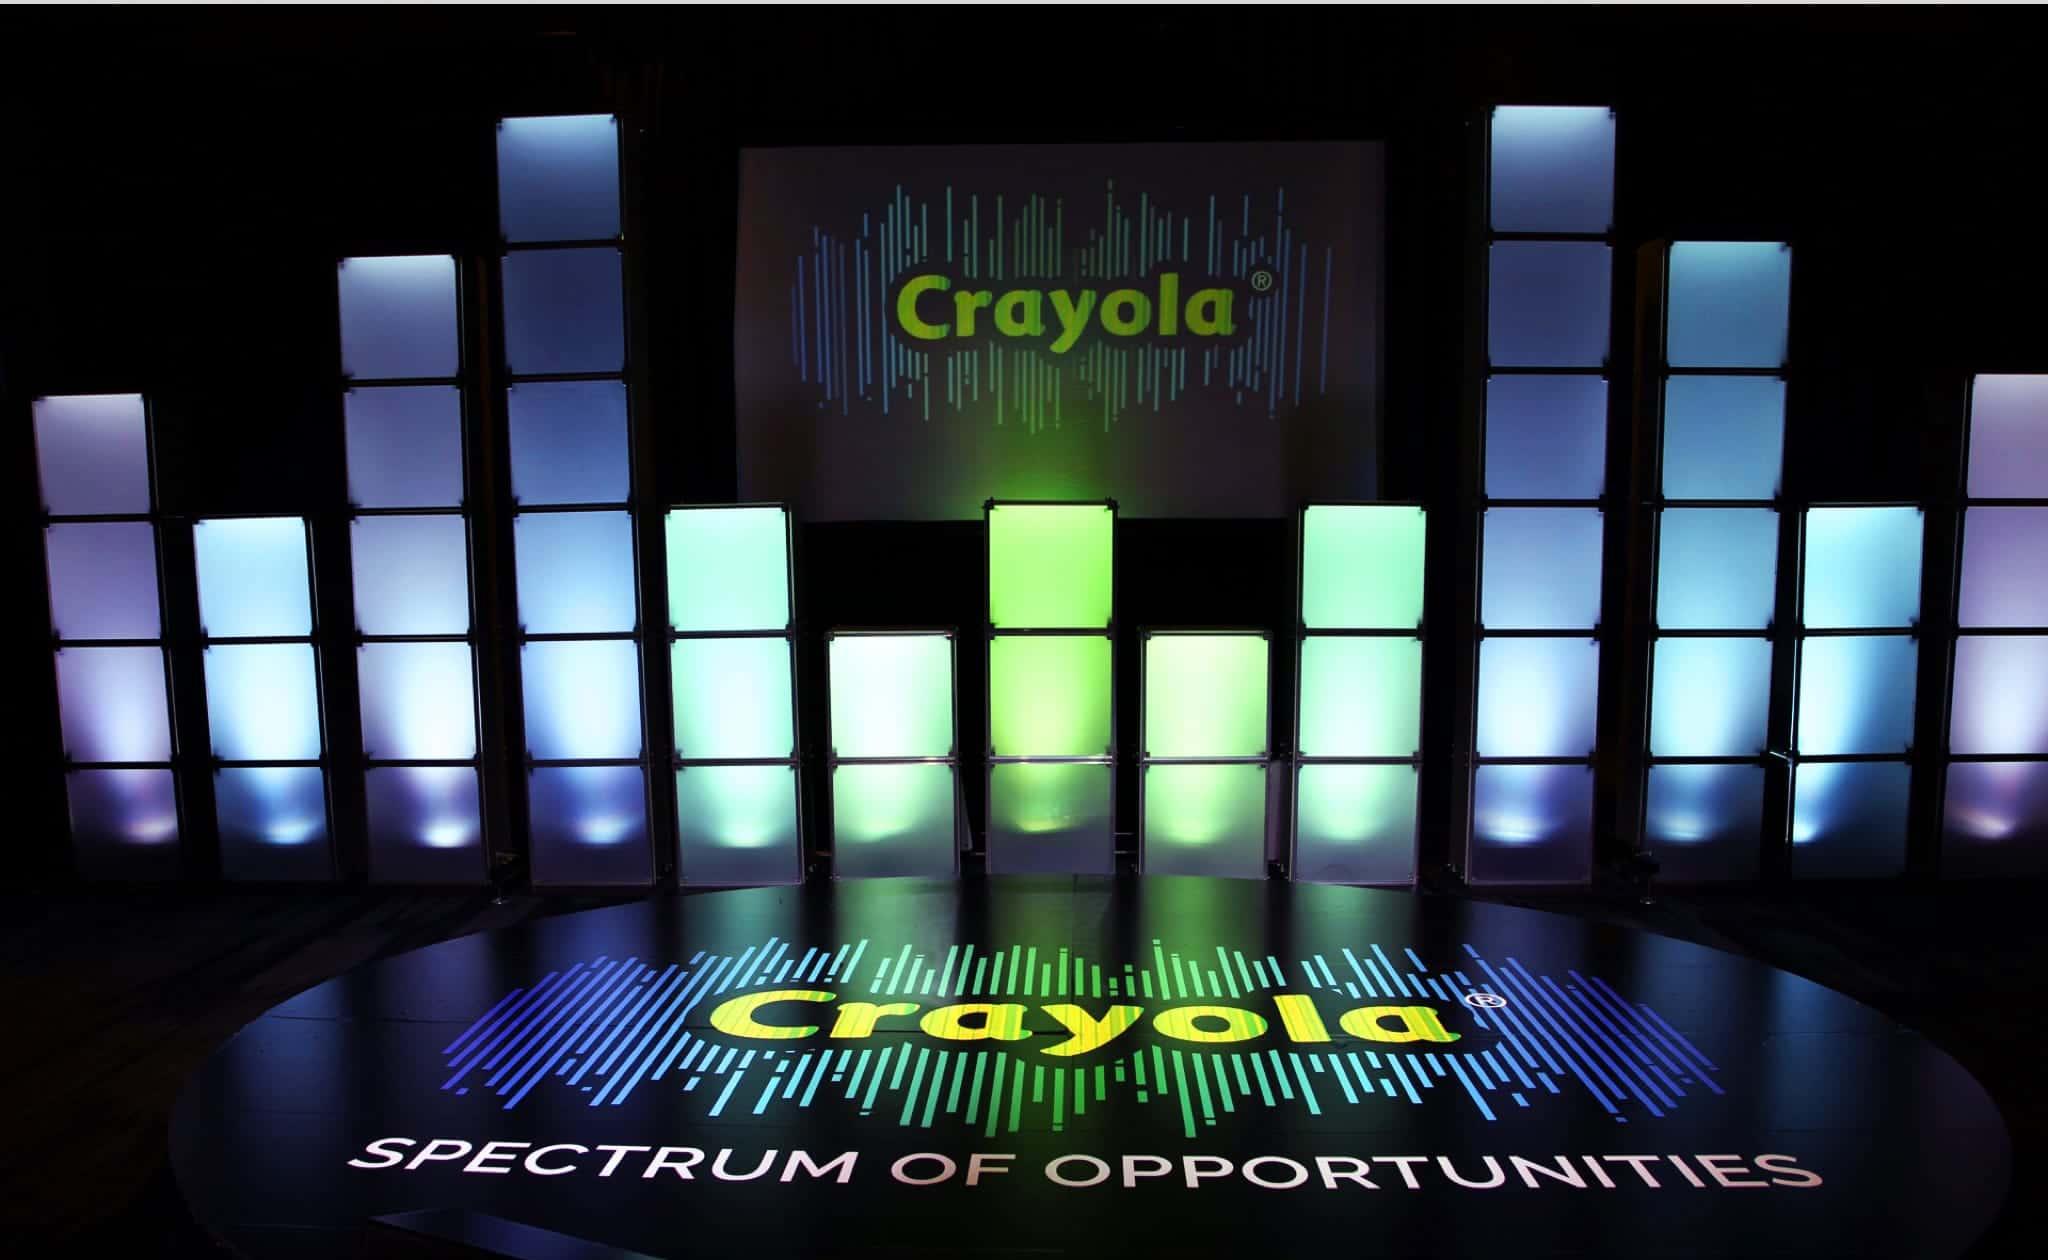 CRAYOLA SPECTRUM OF OPPORTUNITIES SALES MEETING